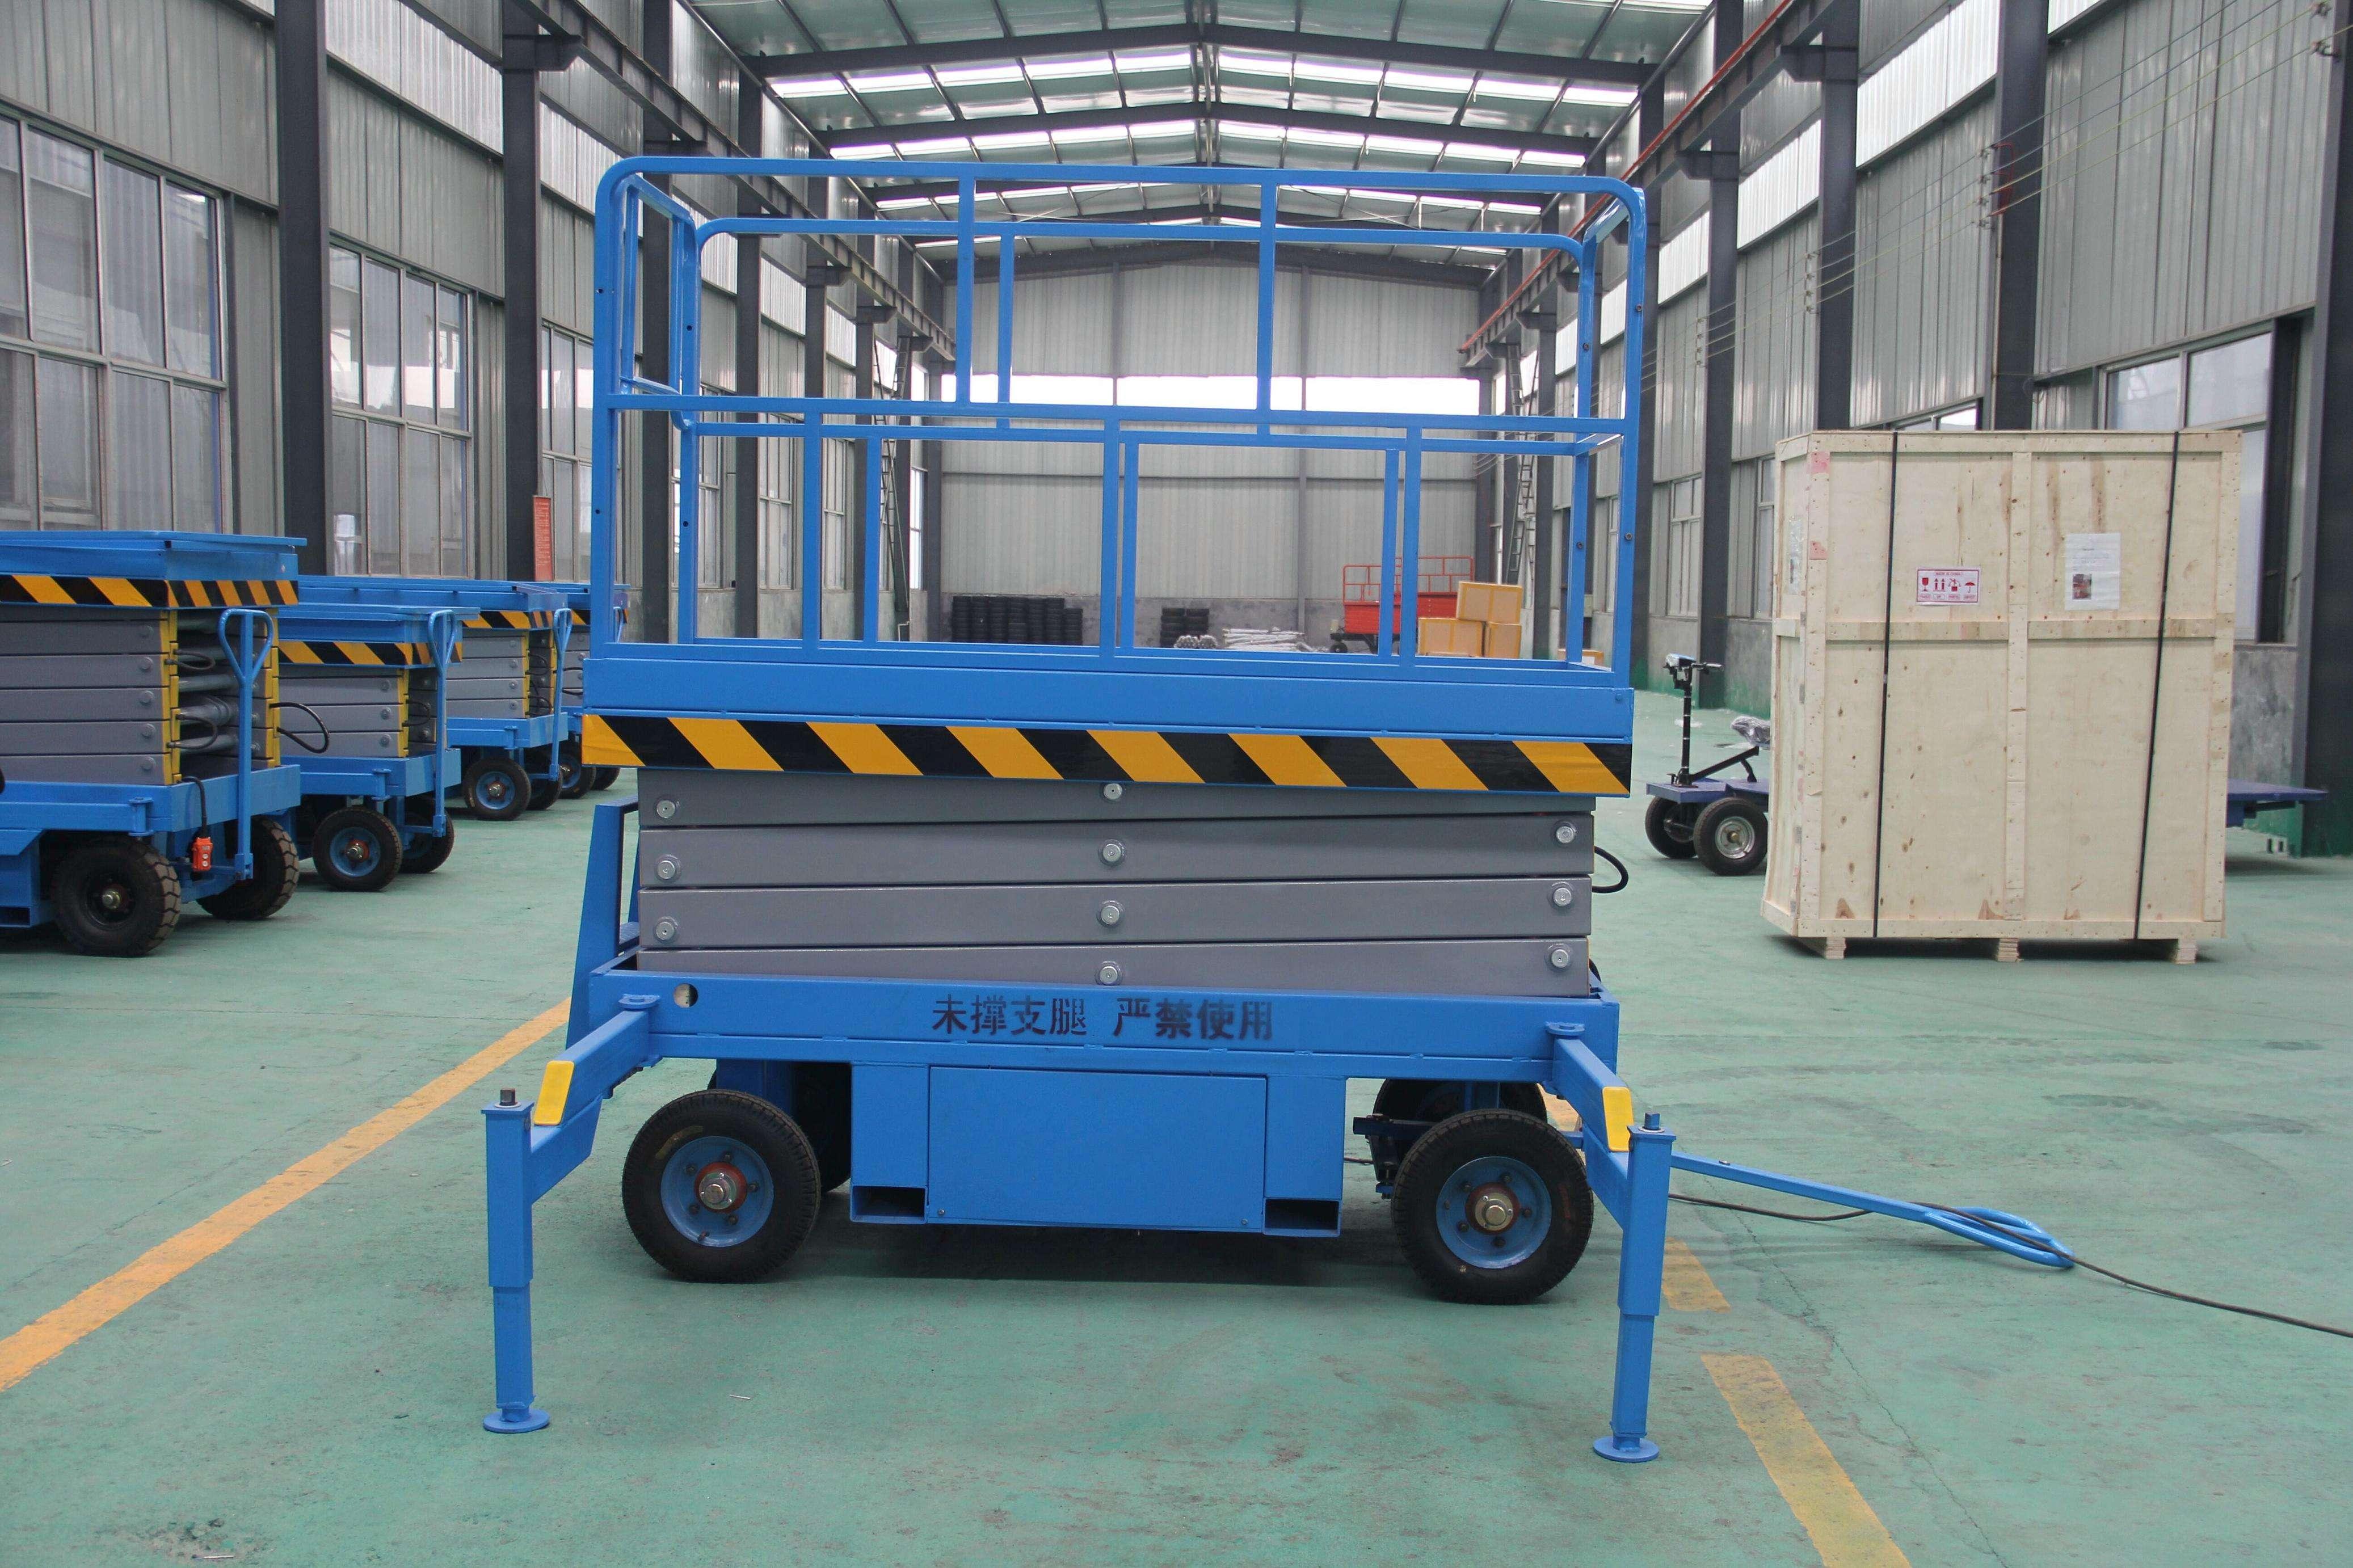 500公斤12米剪叉升降平台重庆销售网点找滨河升降平台